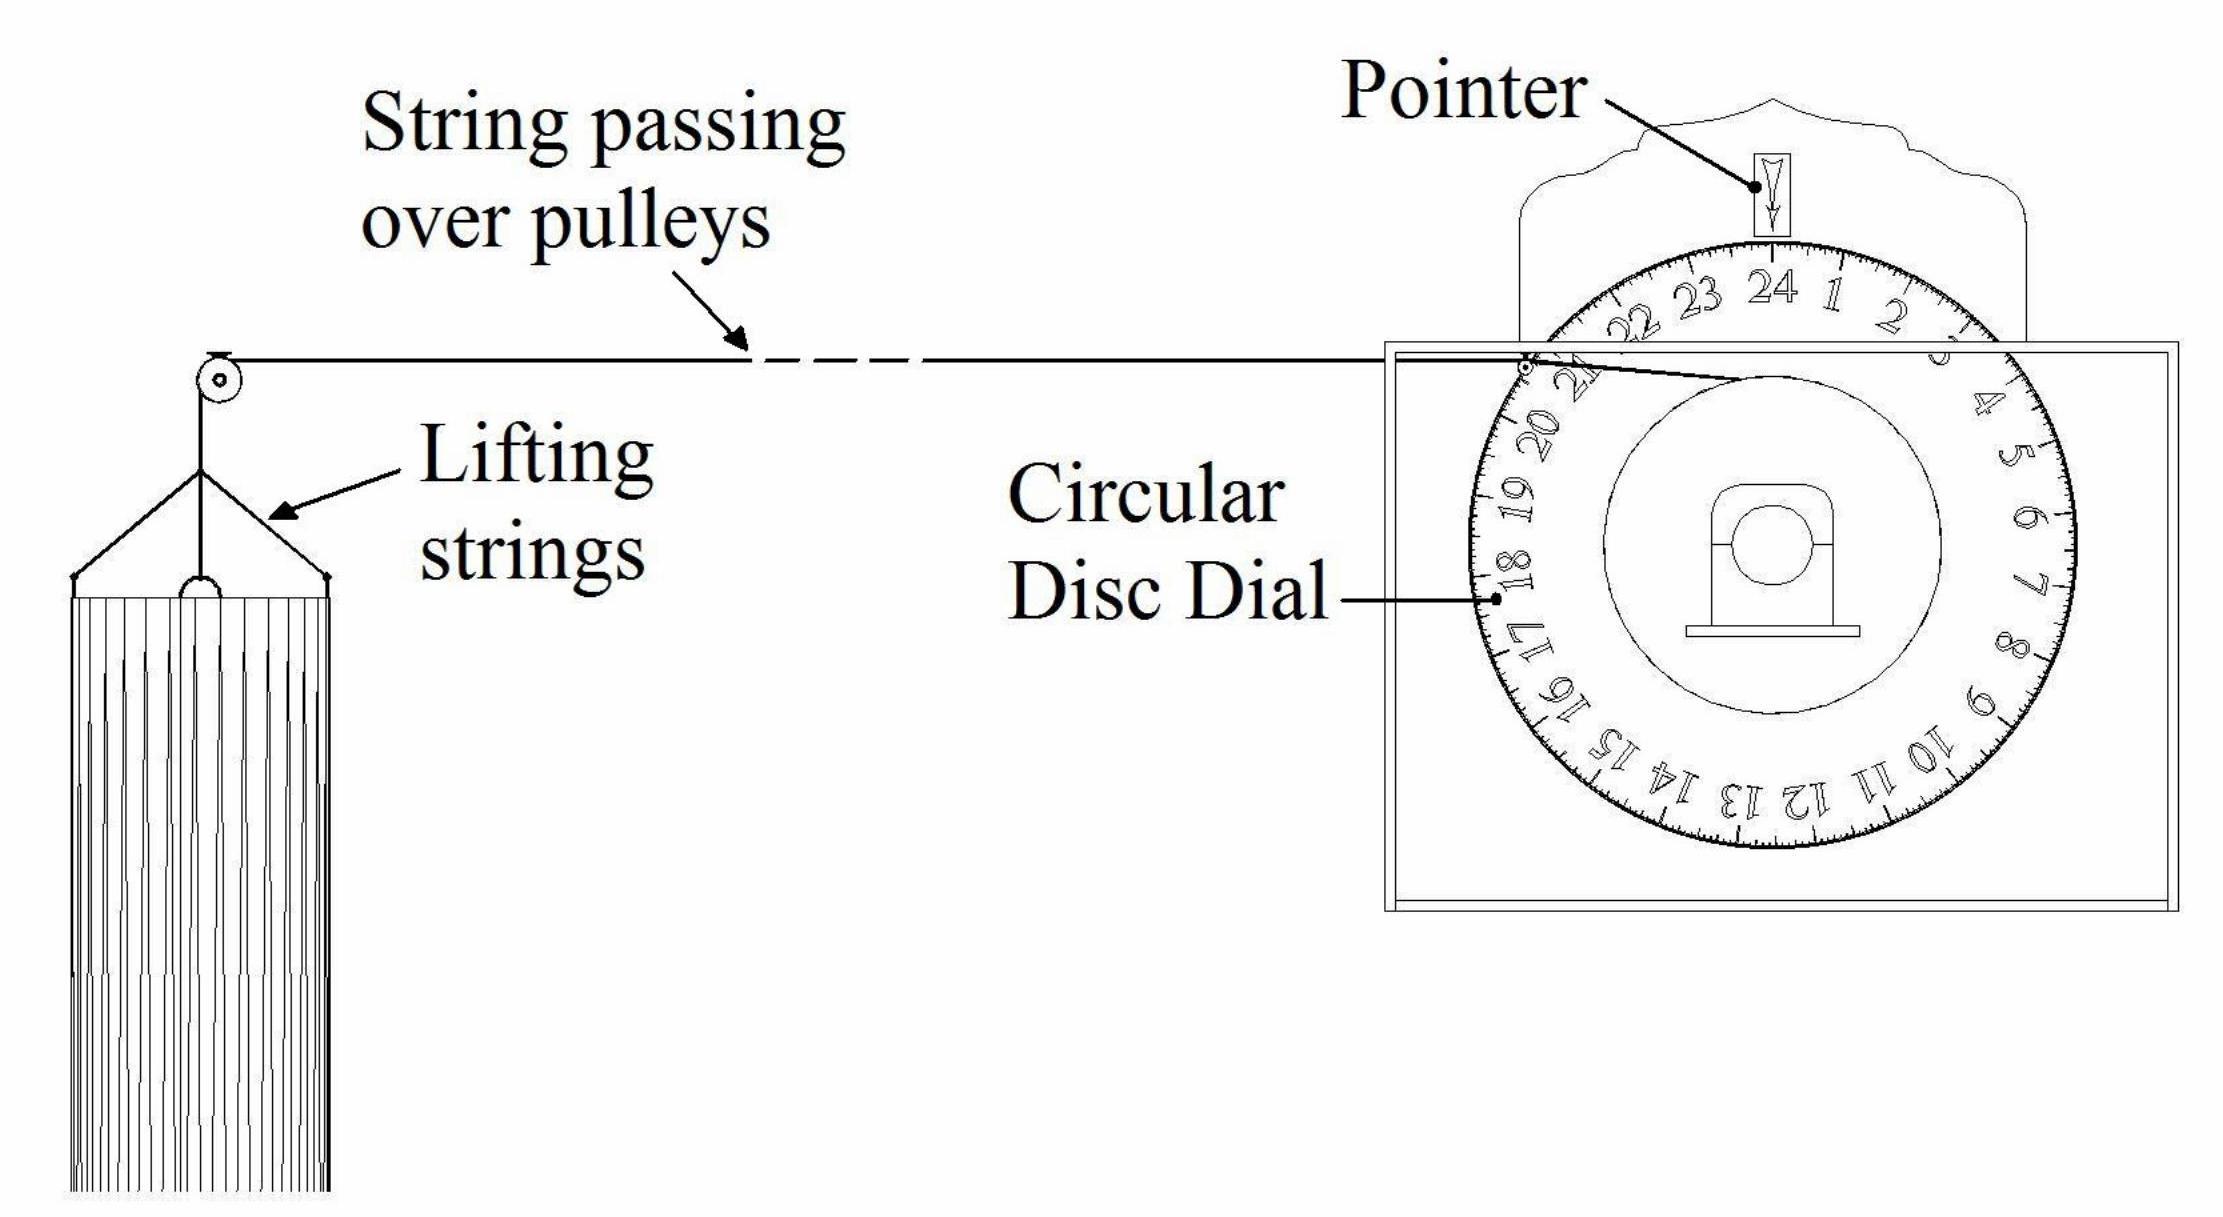 clock diagram [ 2223 x 1217 Pixel ]